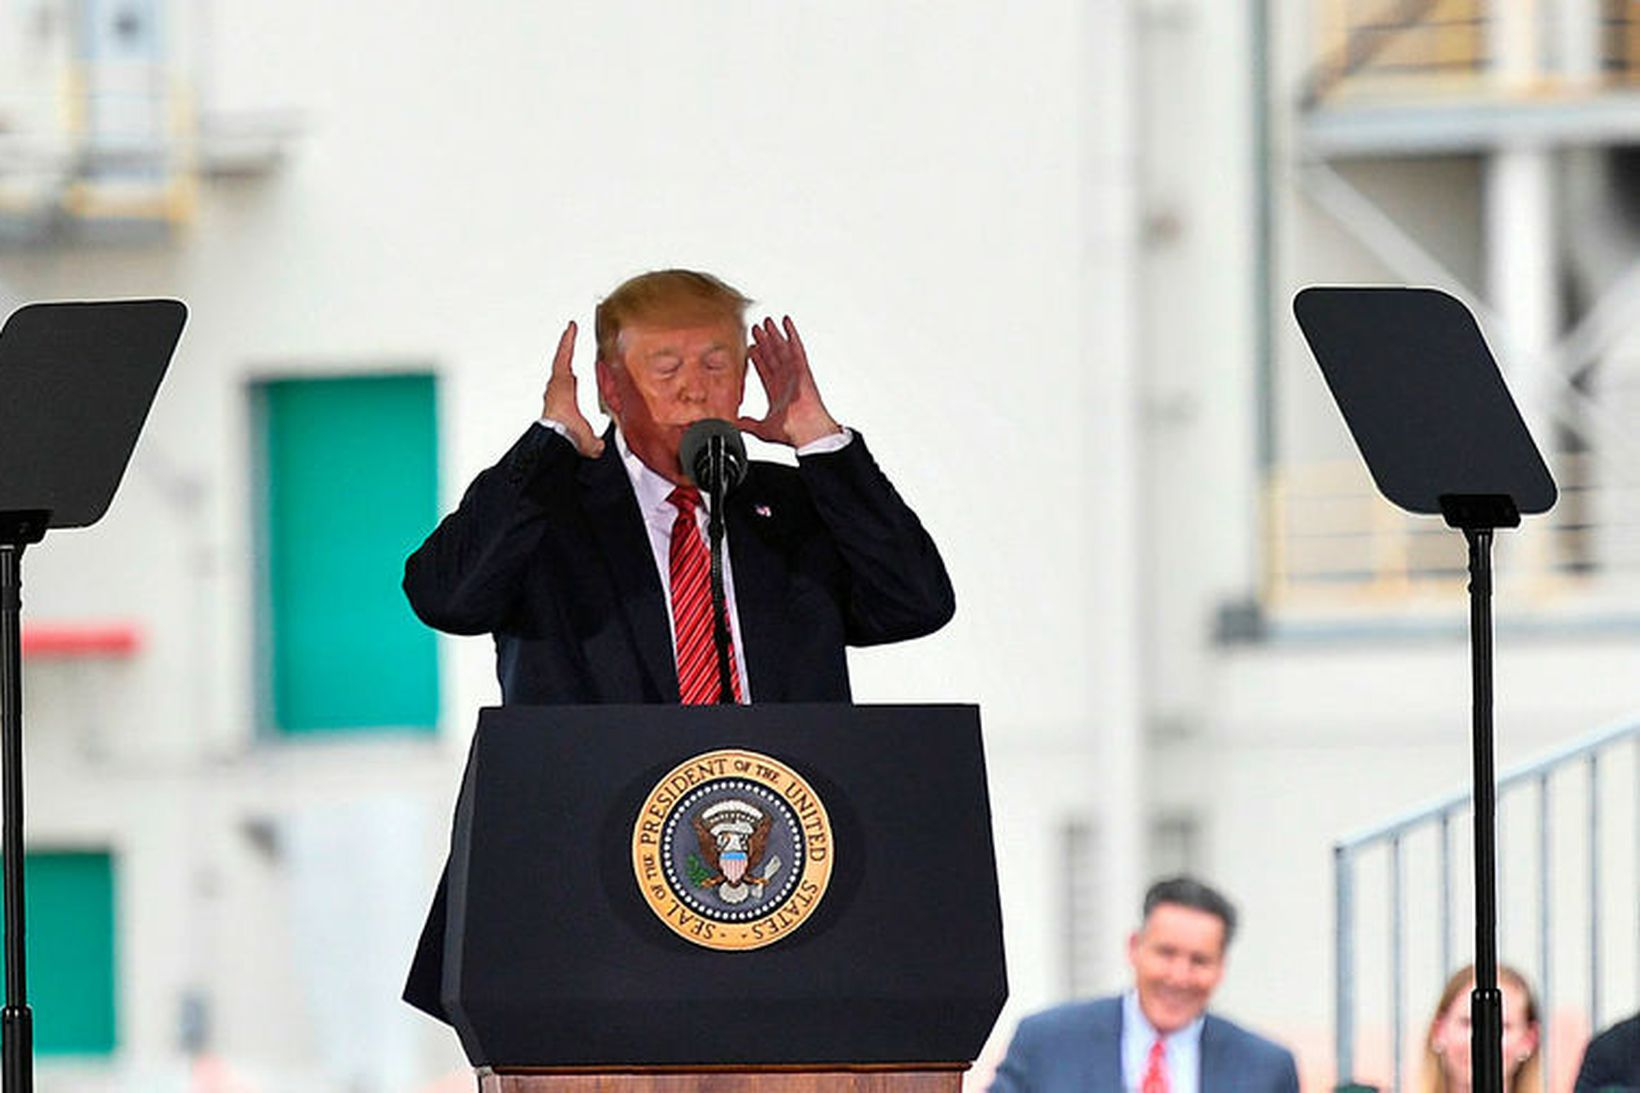 Donald Trump Bandaríkjaforseti. Fulltrúadeild Bandaríkjaþings samþykkti í dag að gefa …